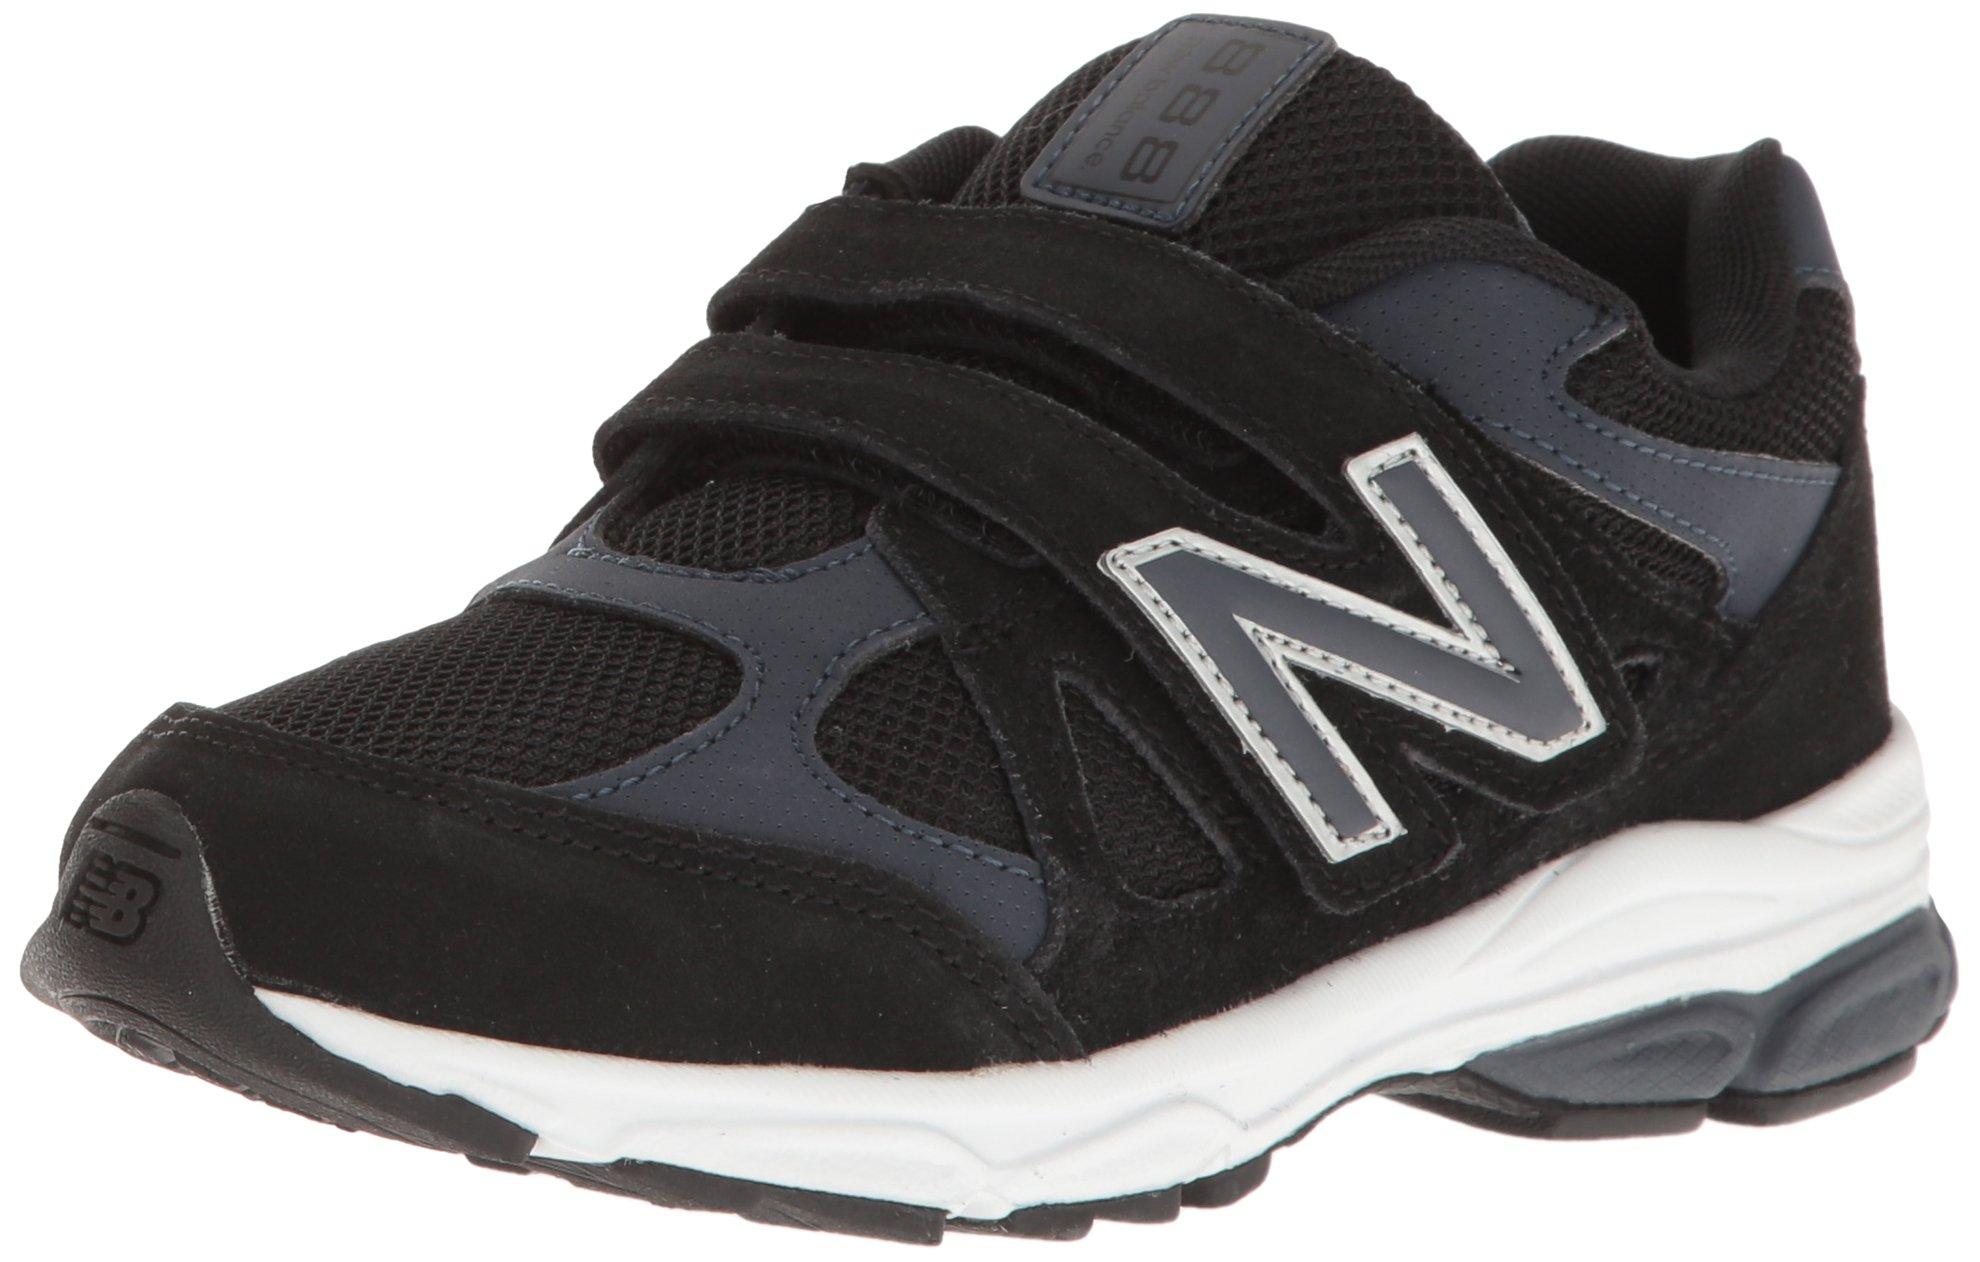 New Balance Kids KV888 Running Shoe, Black/Grey, 7 Wide US Infant